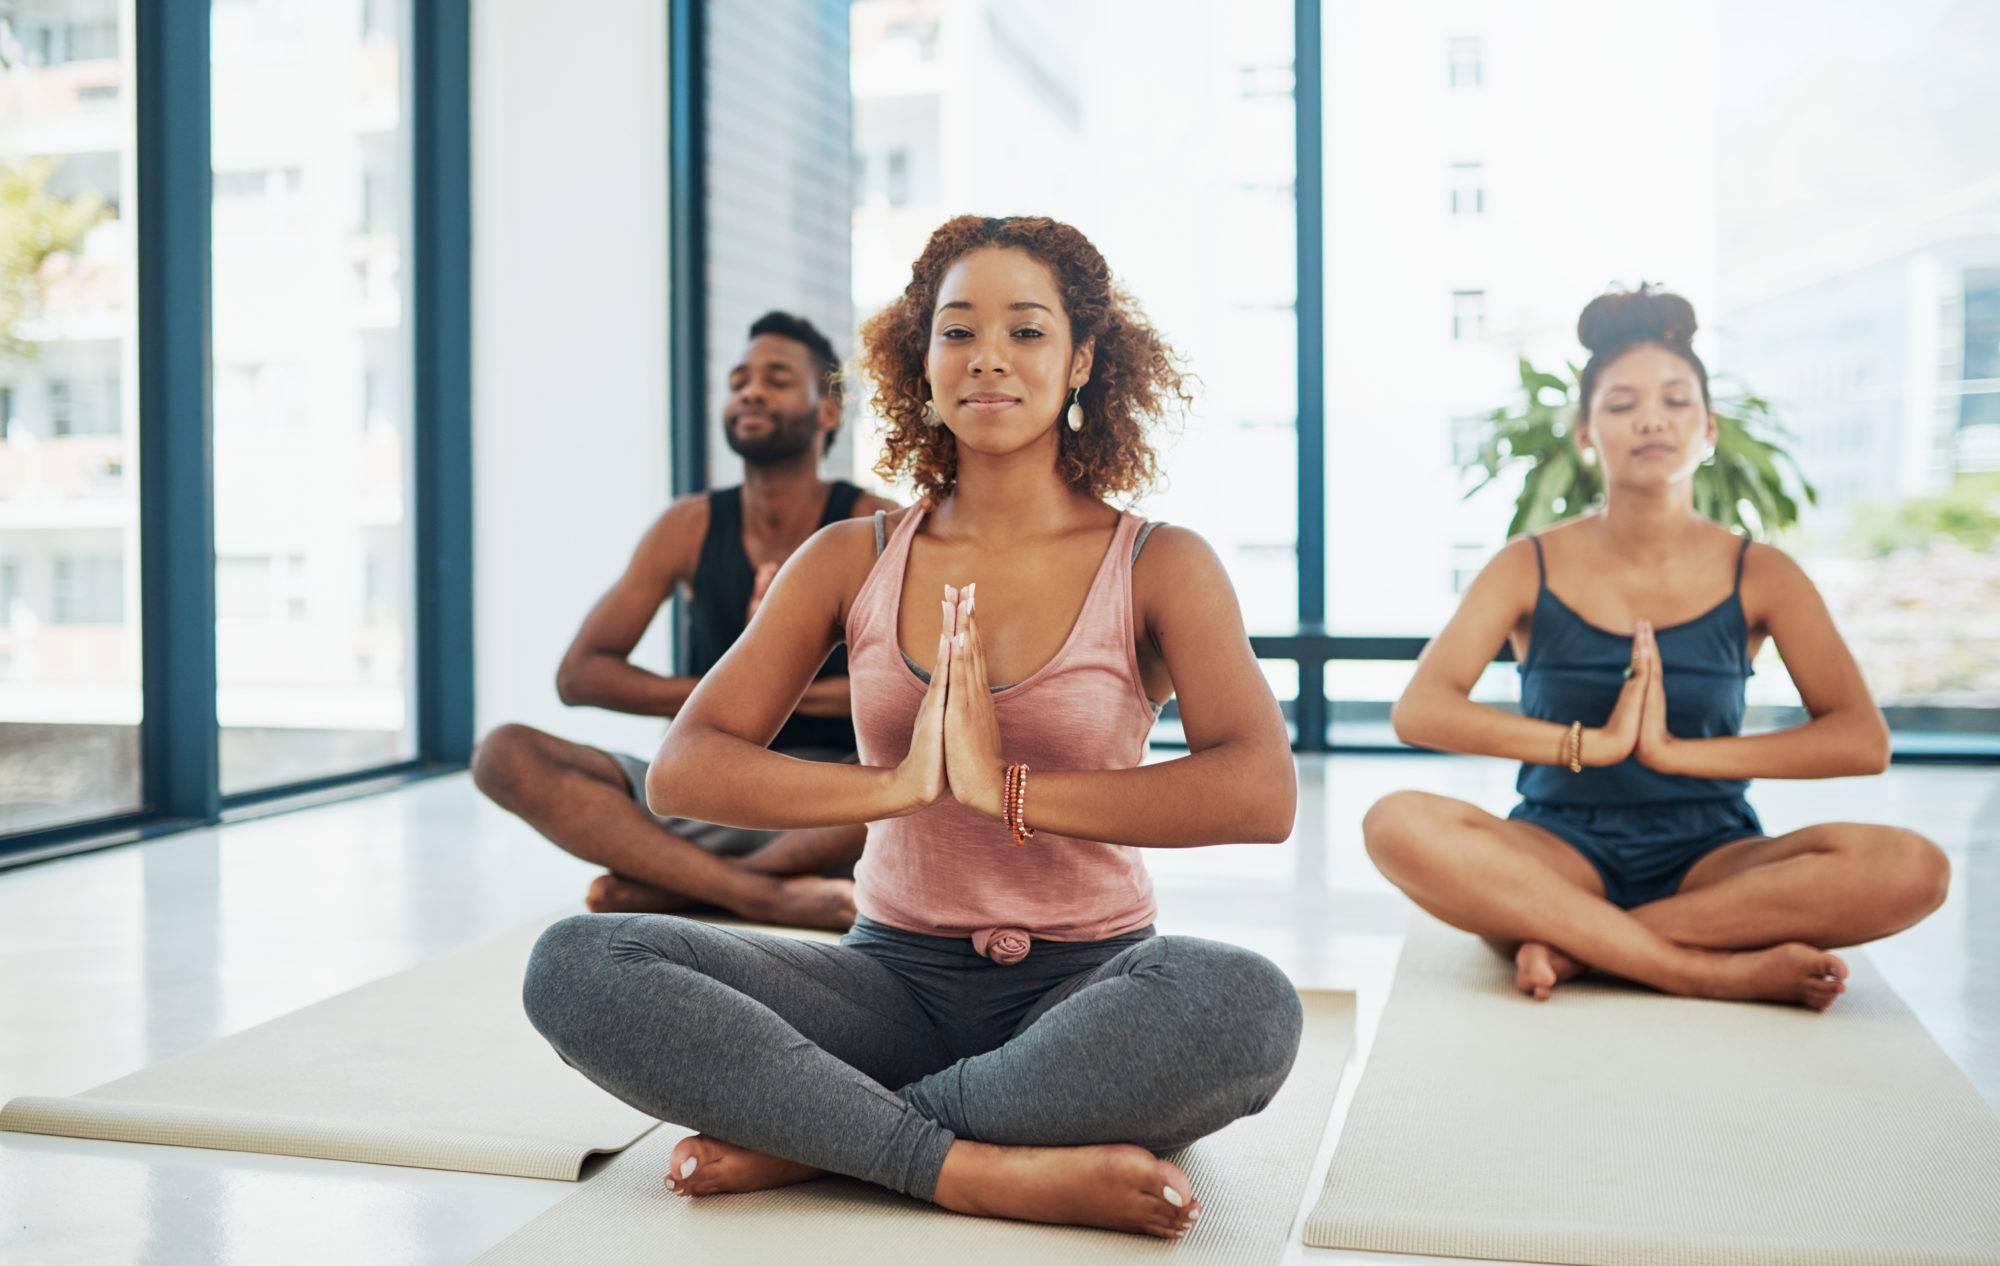 Сиддхасана (поза звезды) в йоге: техника  выполнения с фото и видео